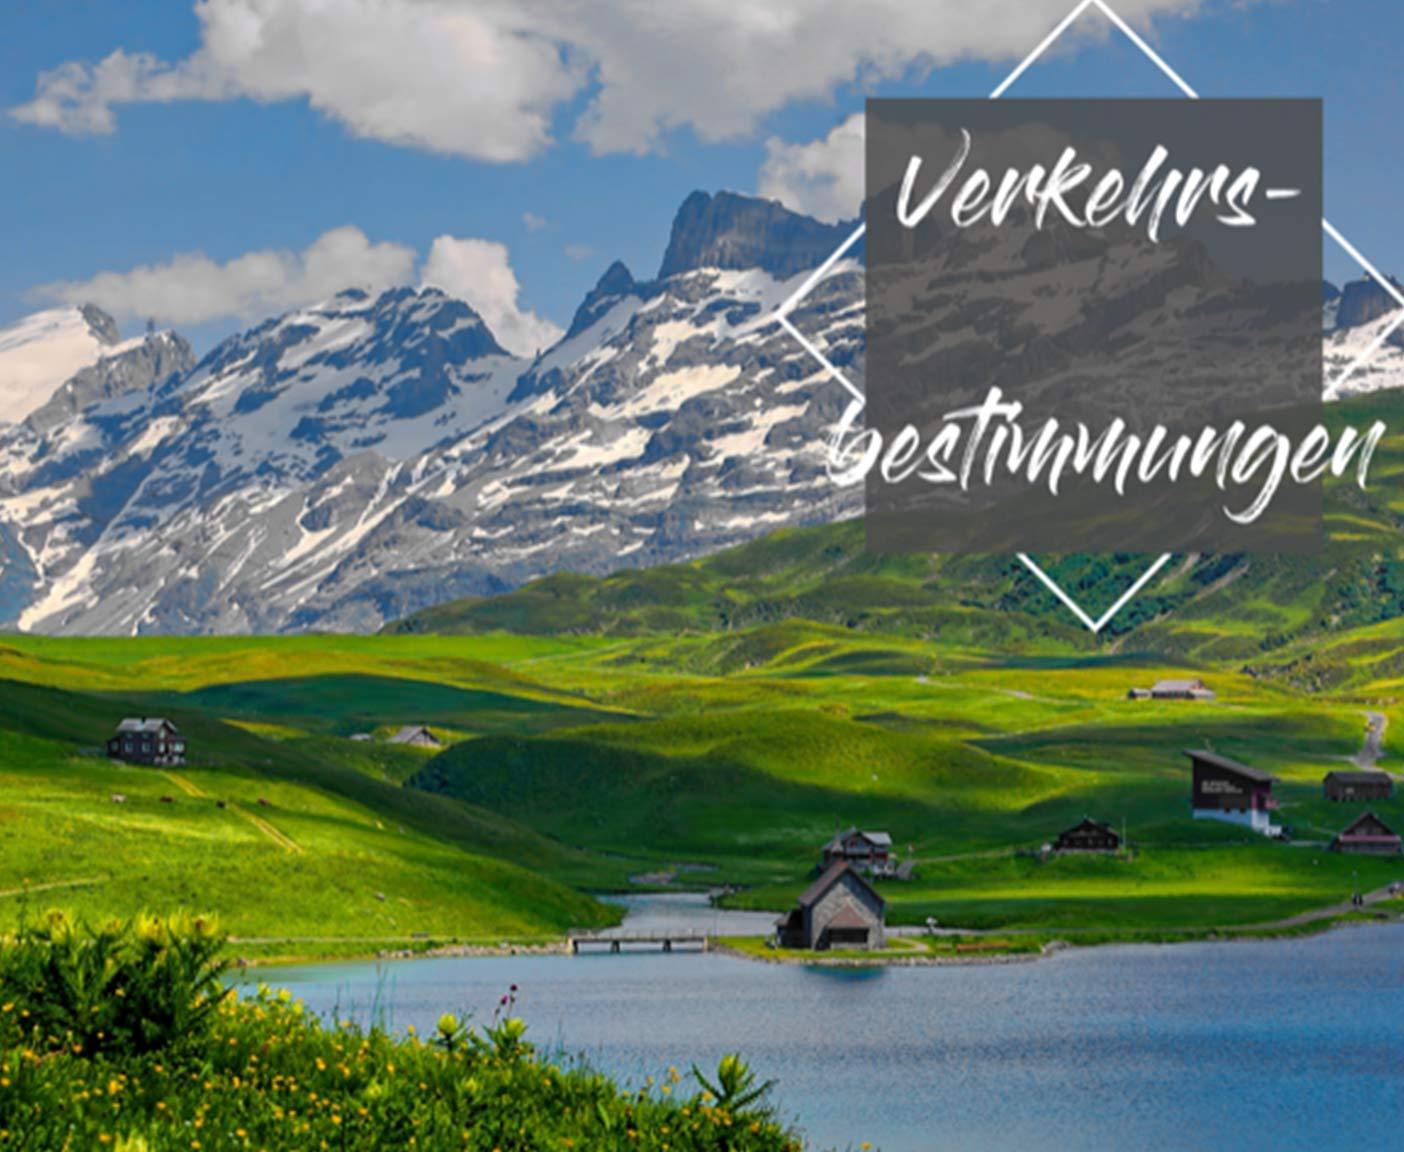 camping-schweiz-wildcampen-schweiz-vanlife-schweiz-schweizer-alpen-4